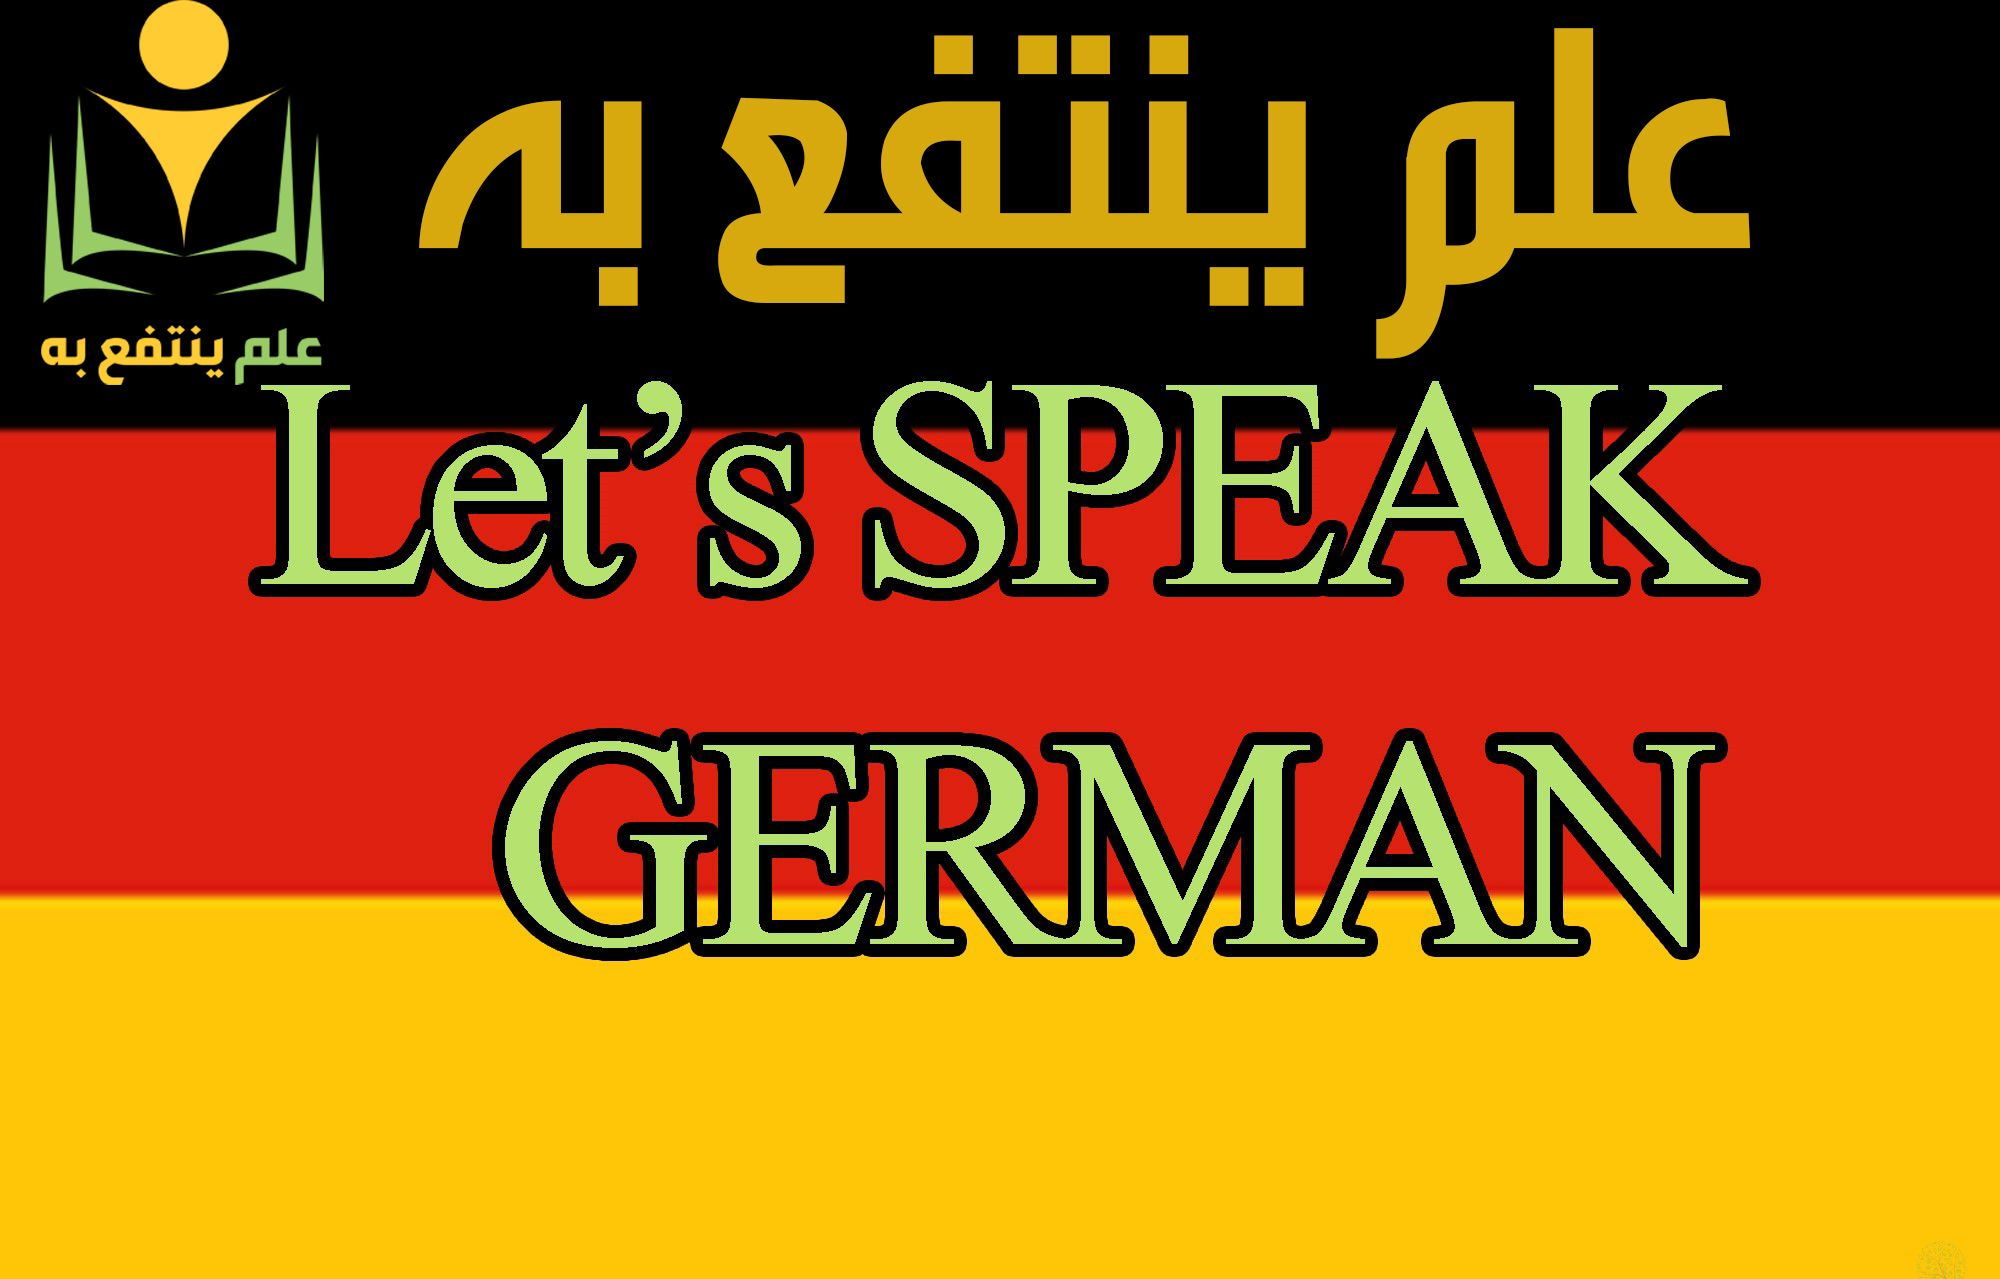 تعد اللغة الألمانية من أكثر اللغات تحدث ا في أوروبا نظر ا لـ عدد المتحدثين ونظر ا لـ سبب آخر وهو اهتمام العالم بـ تعليم اللغة الأ Learn German Learning Letts